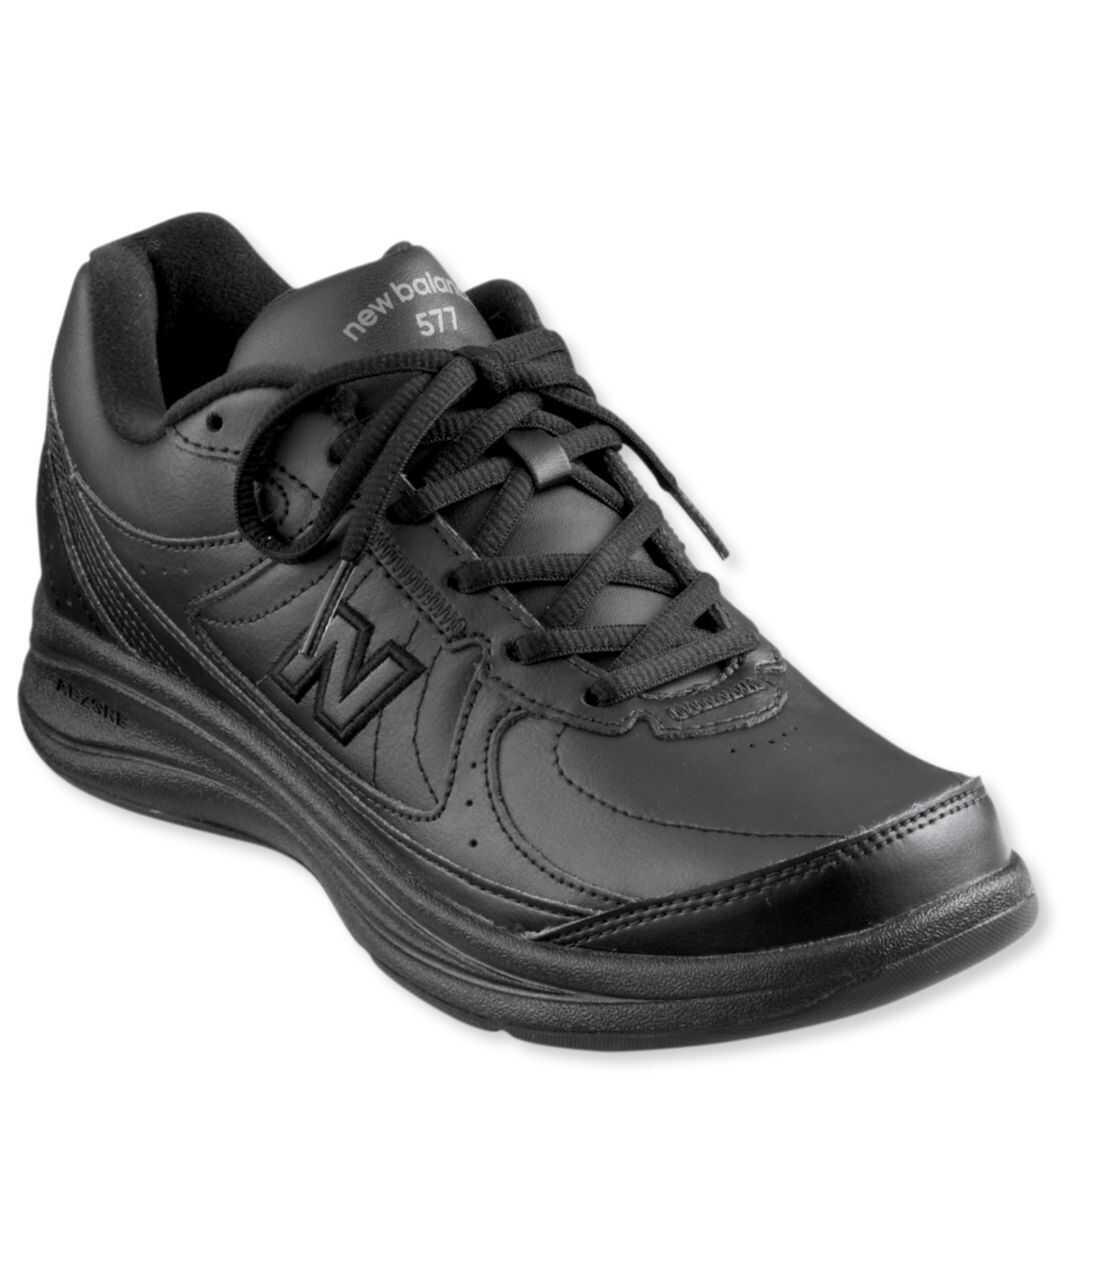 ニュー・バランス 577 ウォーキング・シューズ、靴ひも開閉